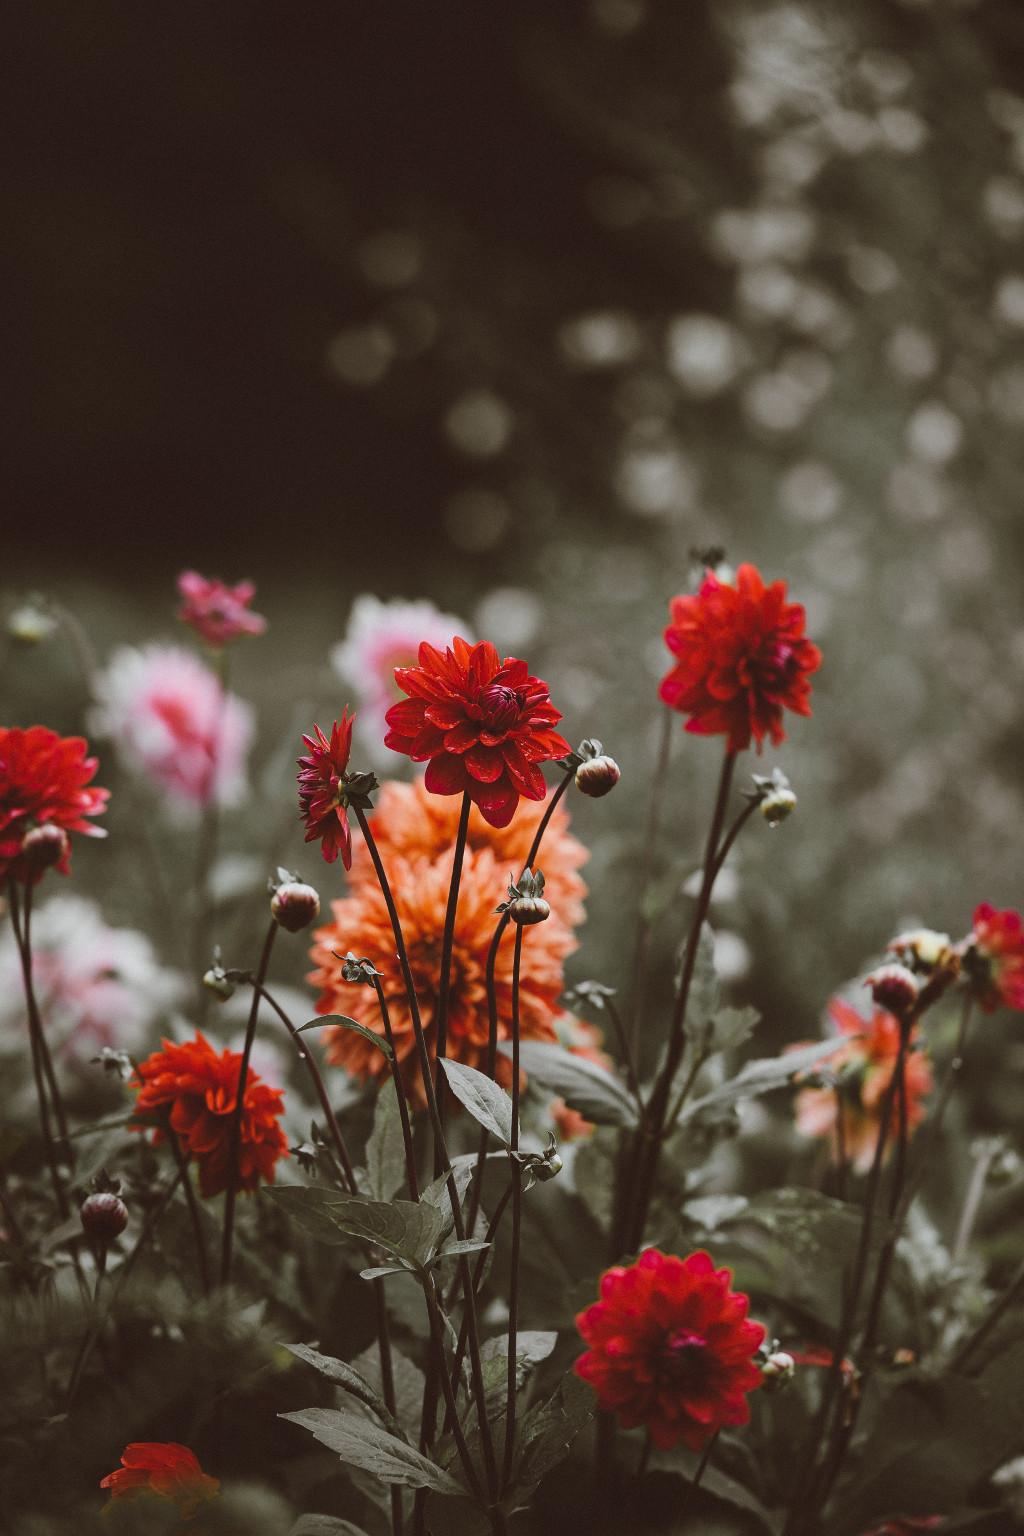 Heuschnupfen nervt Blumeliebe Garten Wochenrückblick Garten Monstera Dahlie Lilie tantedine